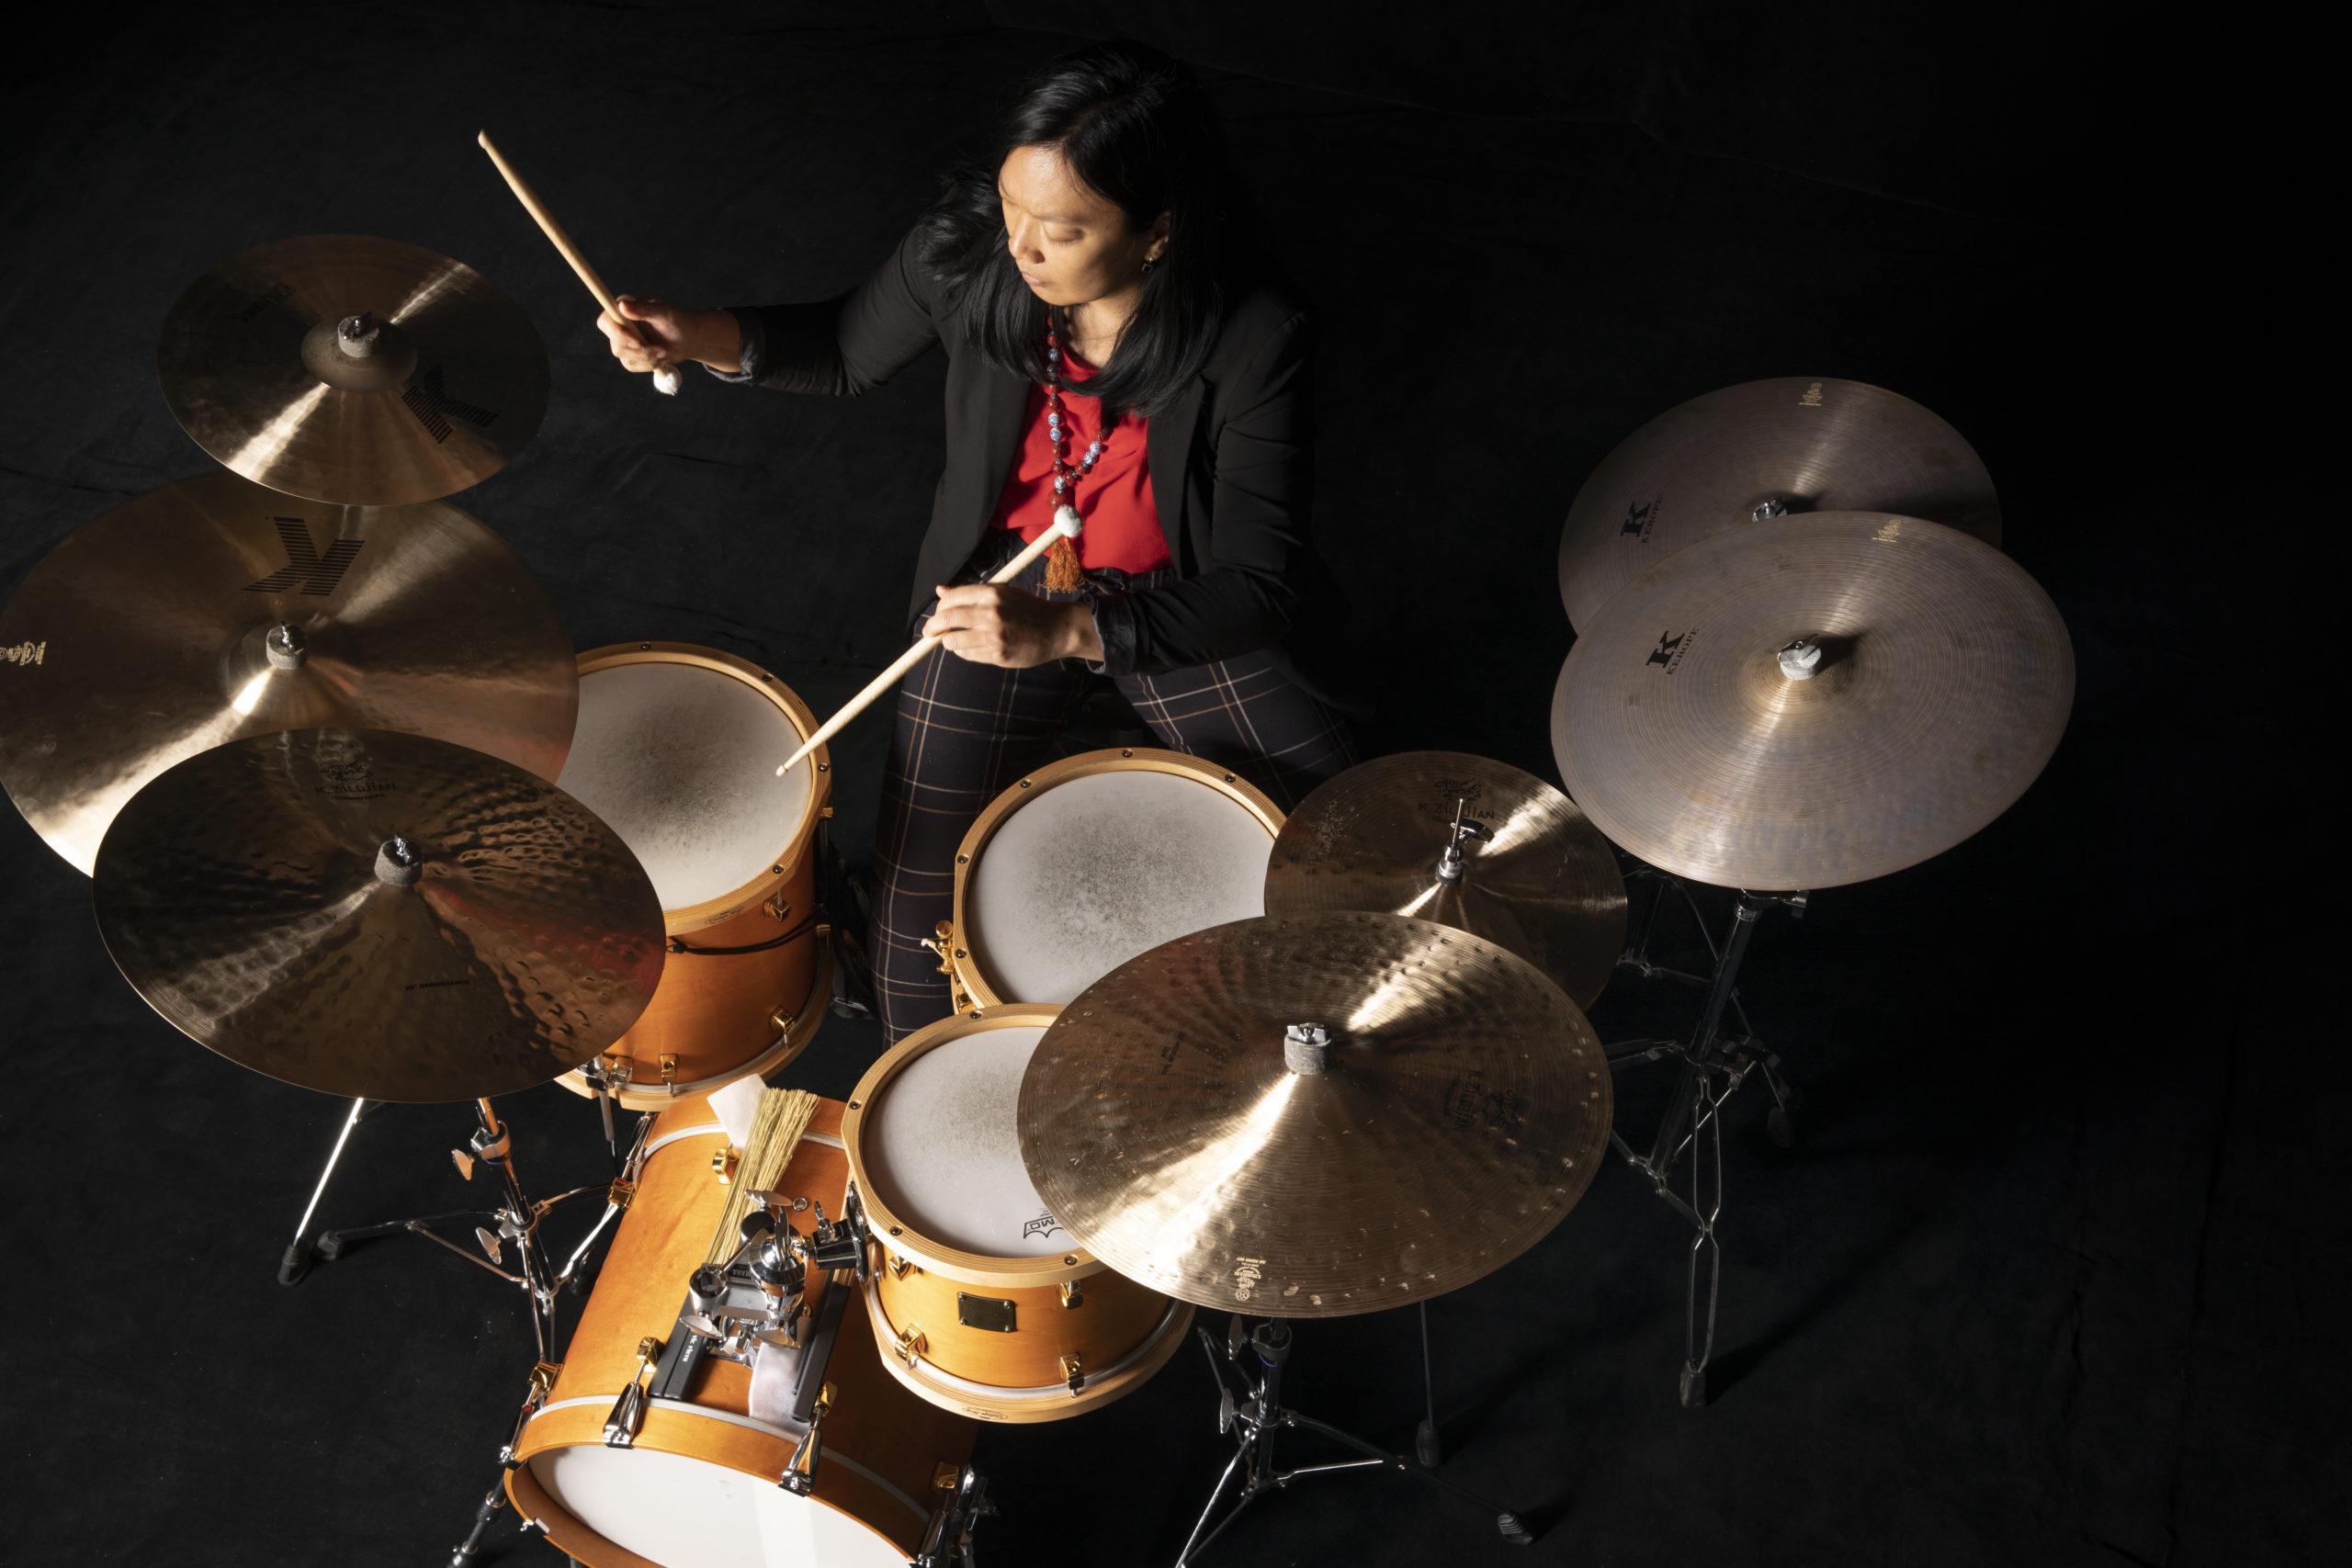 Susie Ibarra performing on a drum kit